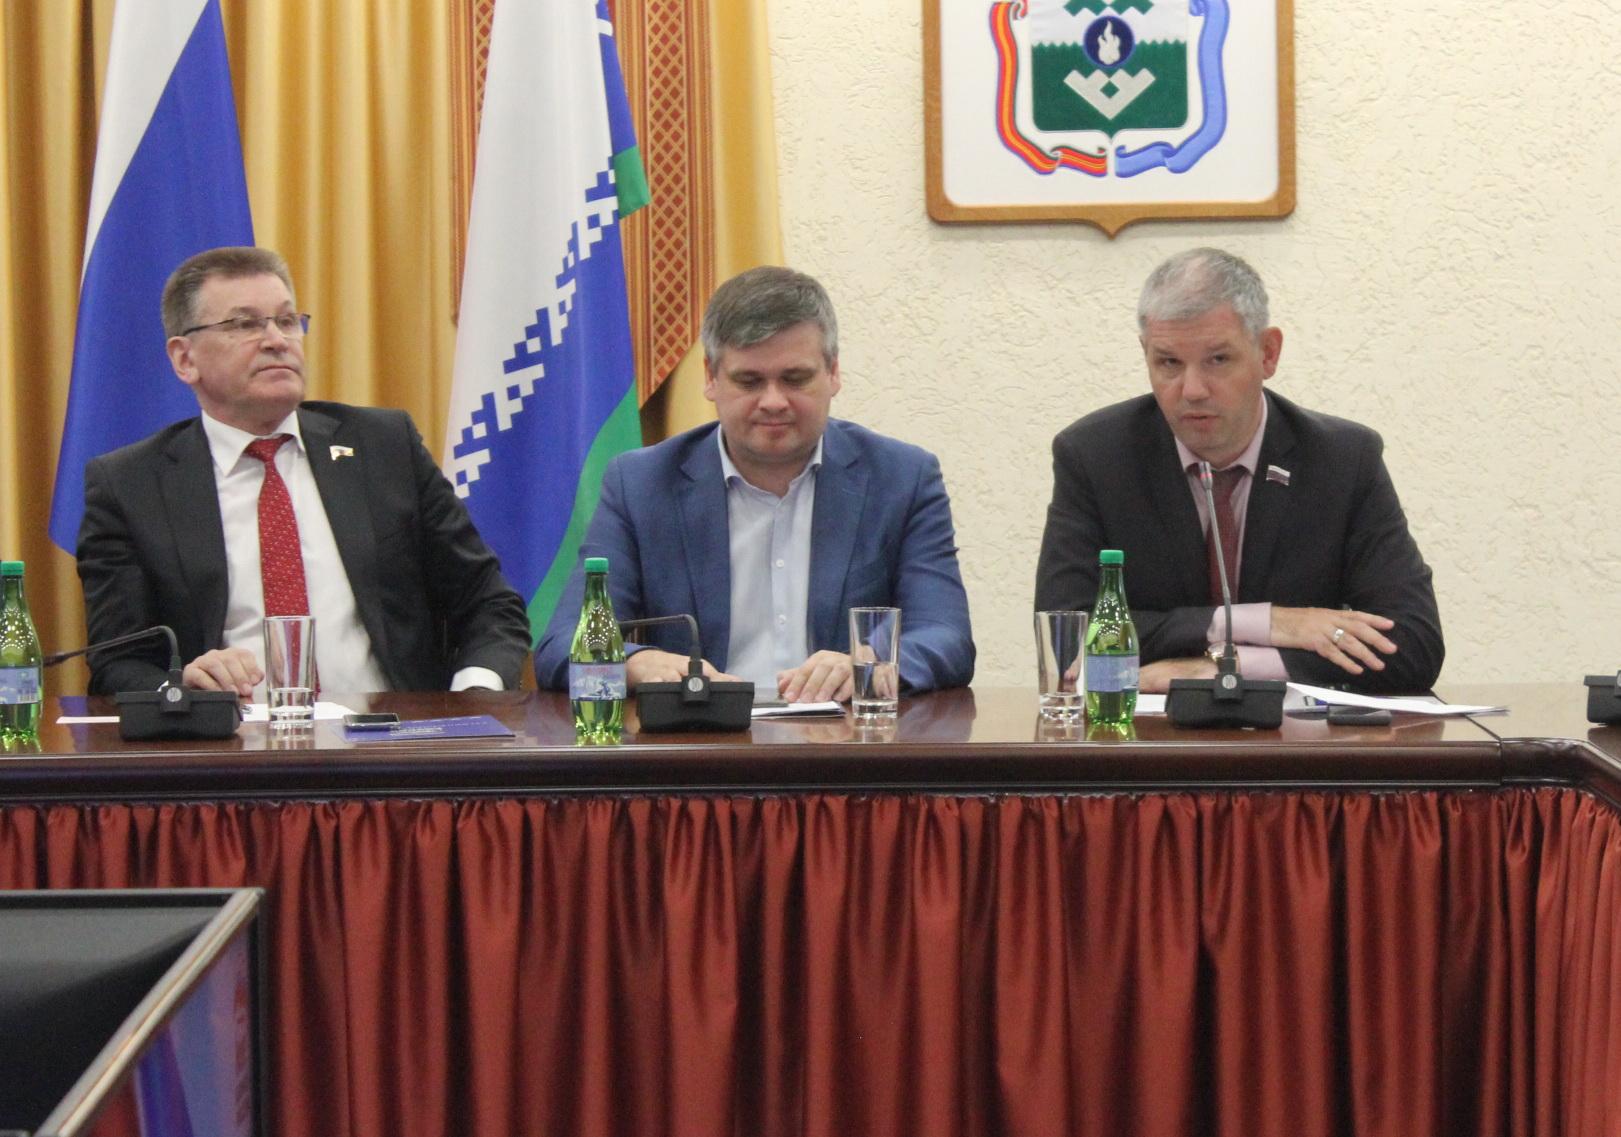 Выступает депутат Архангельского областного собрания Михаил Кисляков